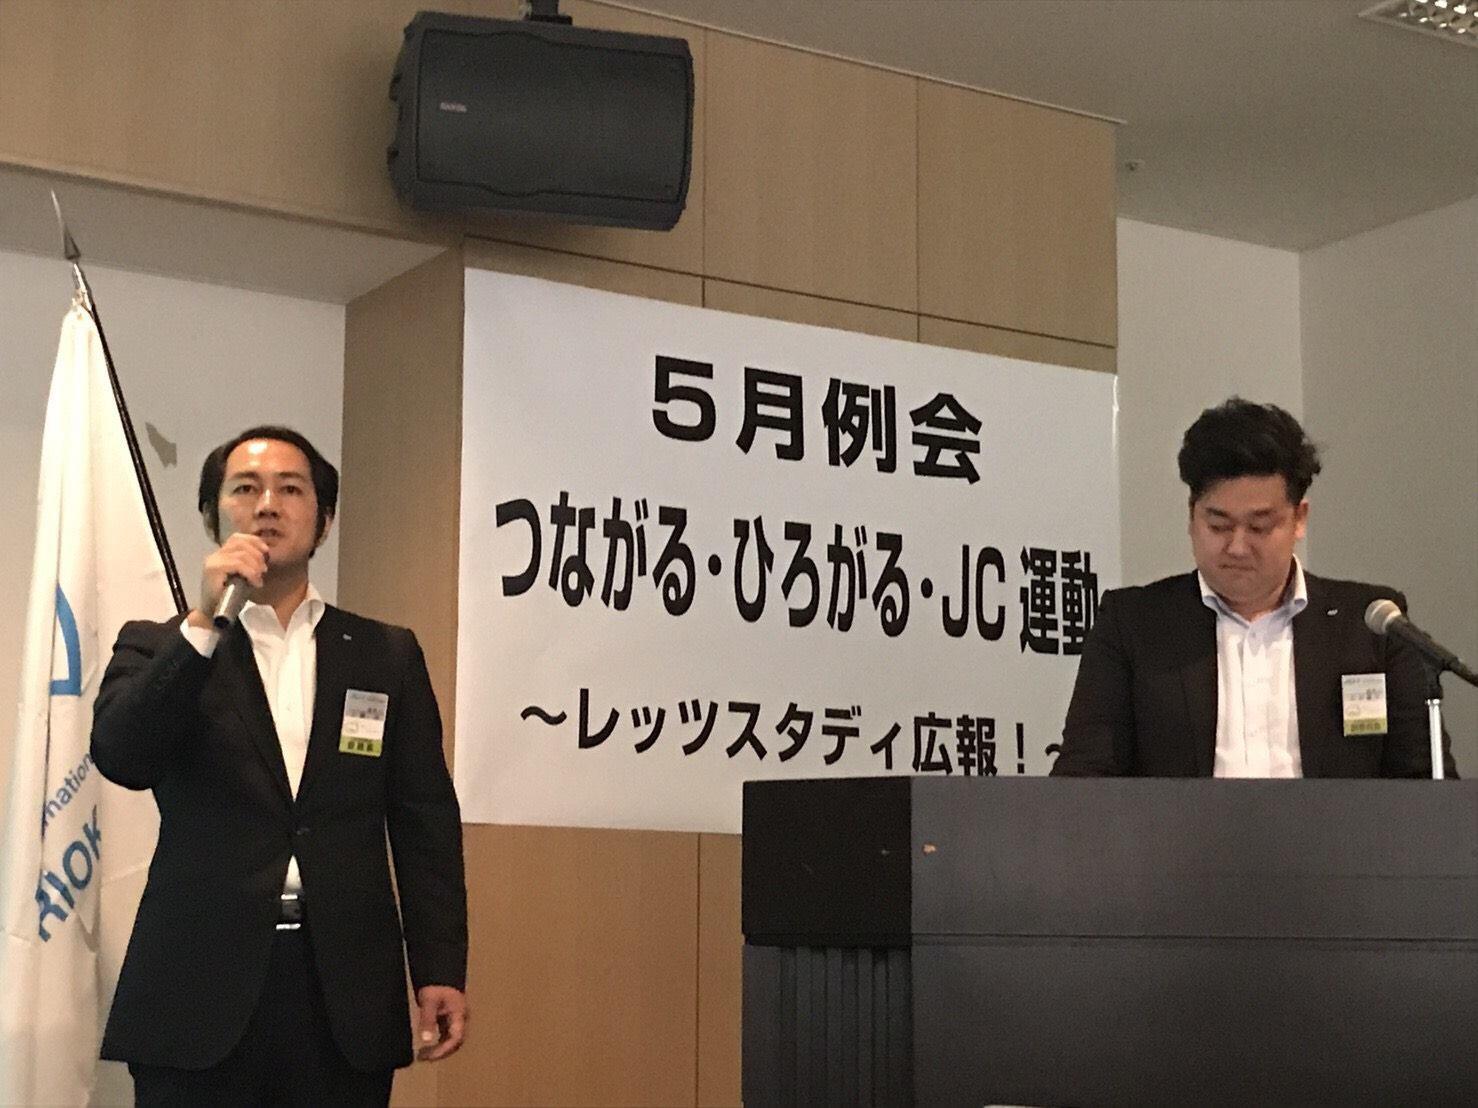 【5月例会】開催のご報告